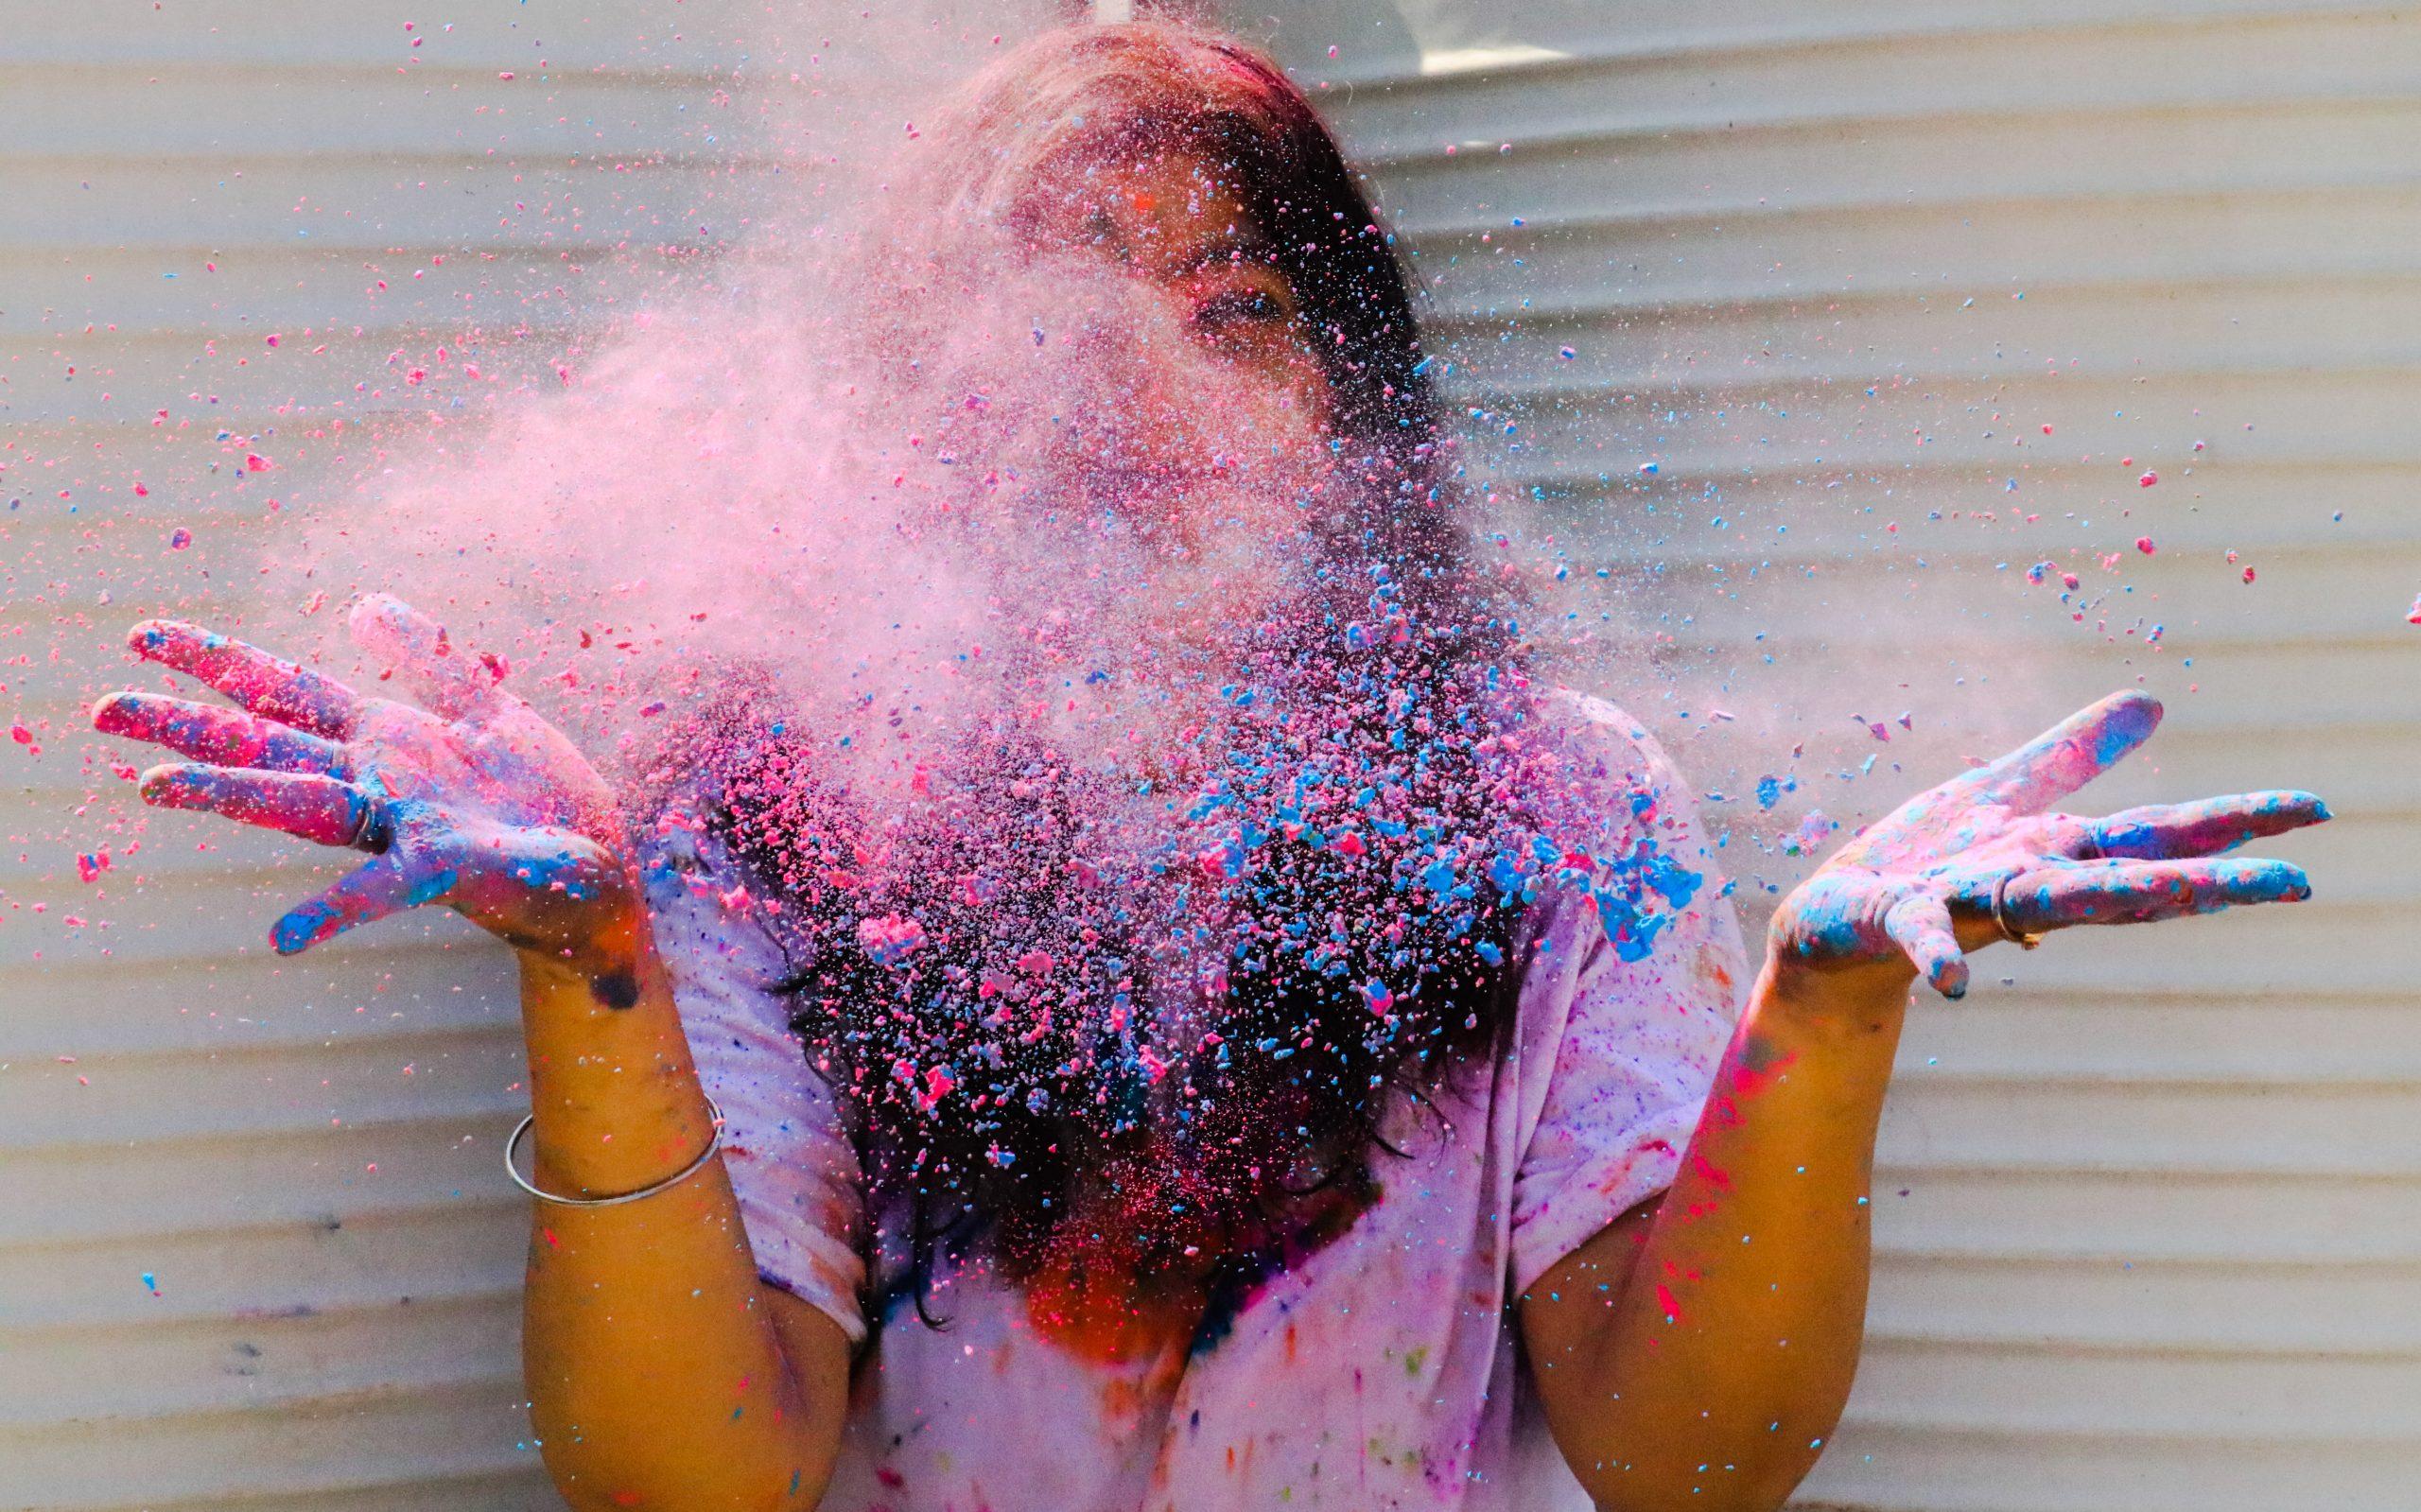 Color splash on a girl's fasce